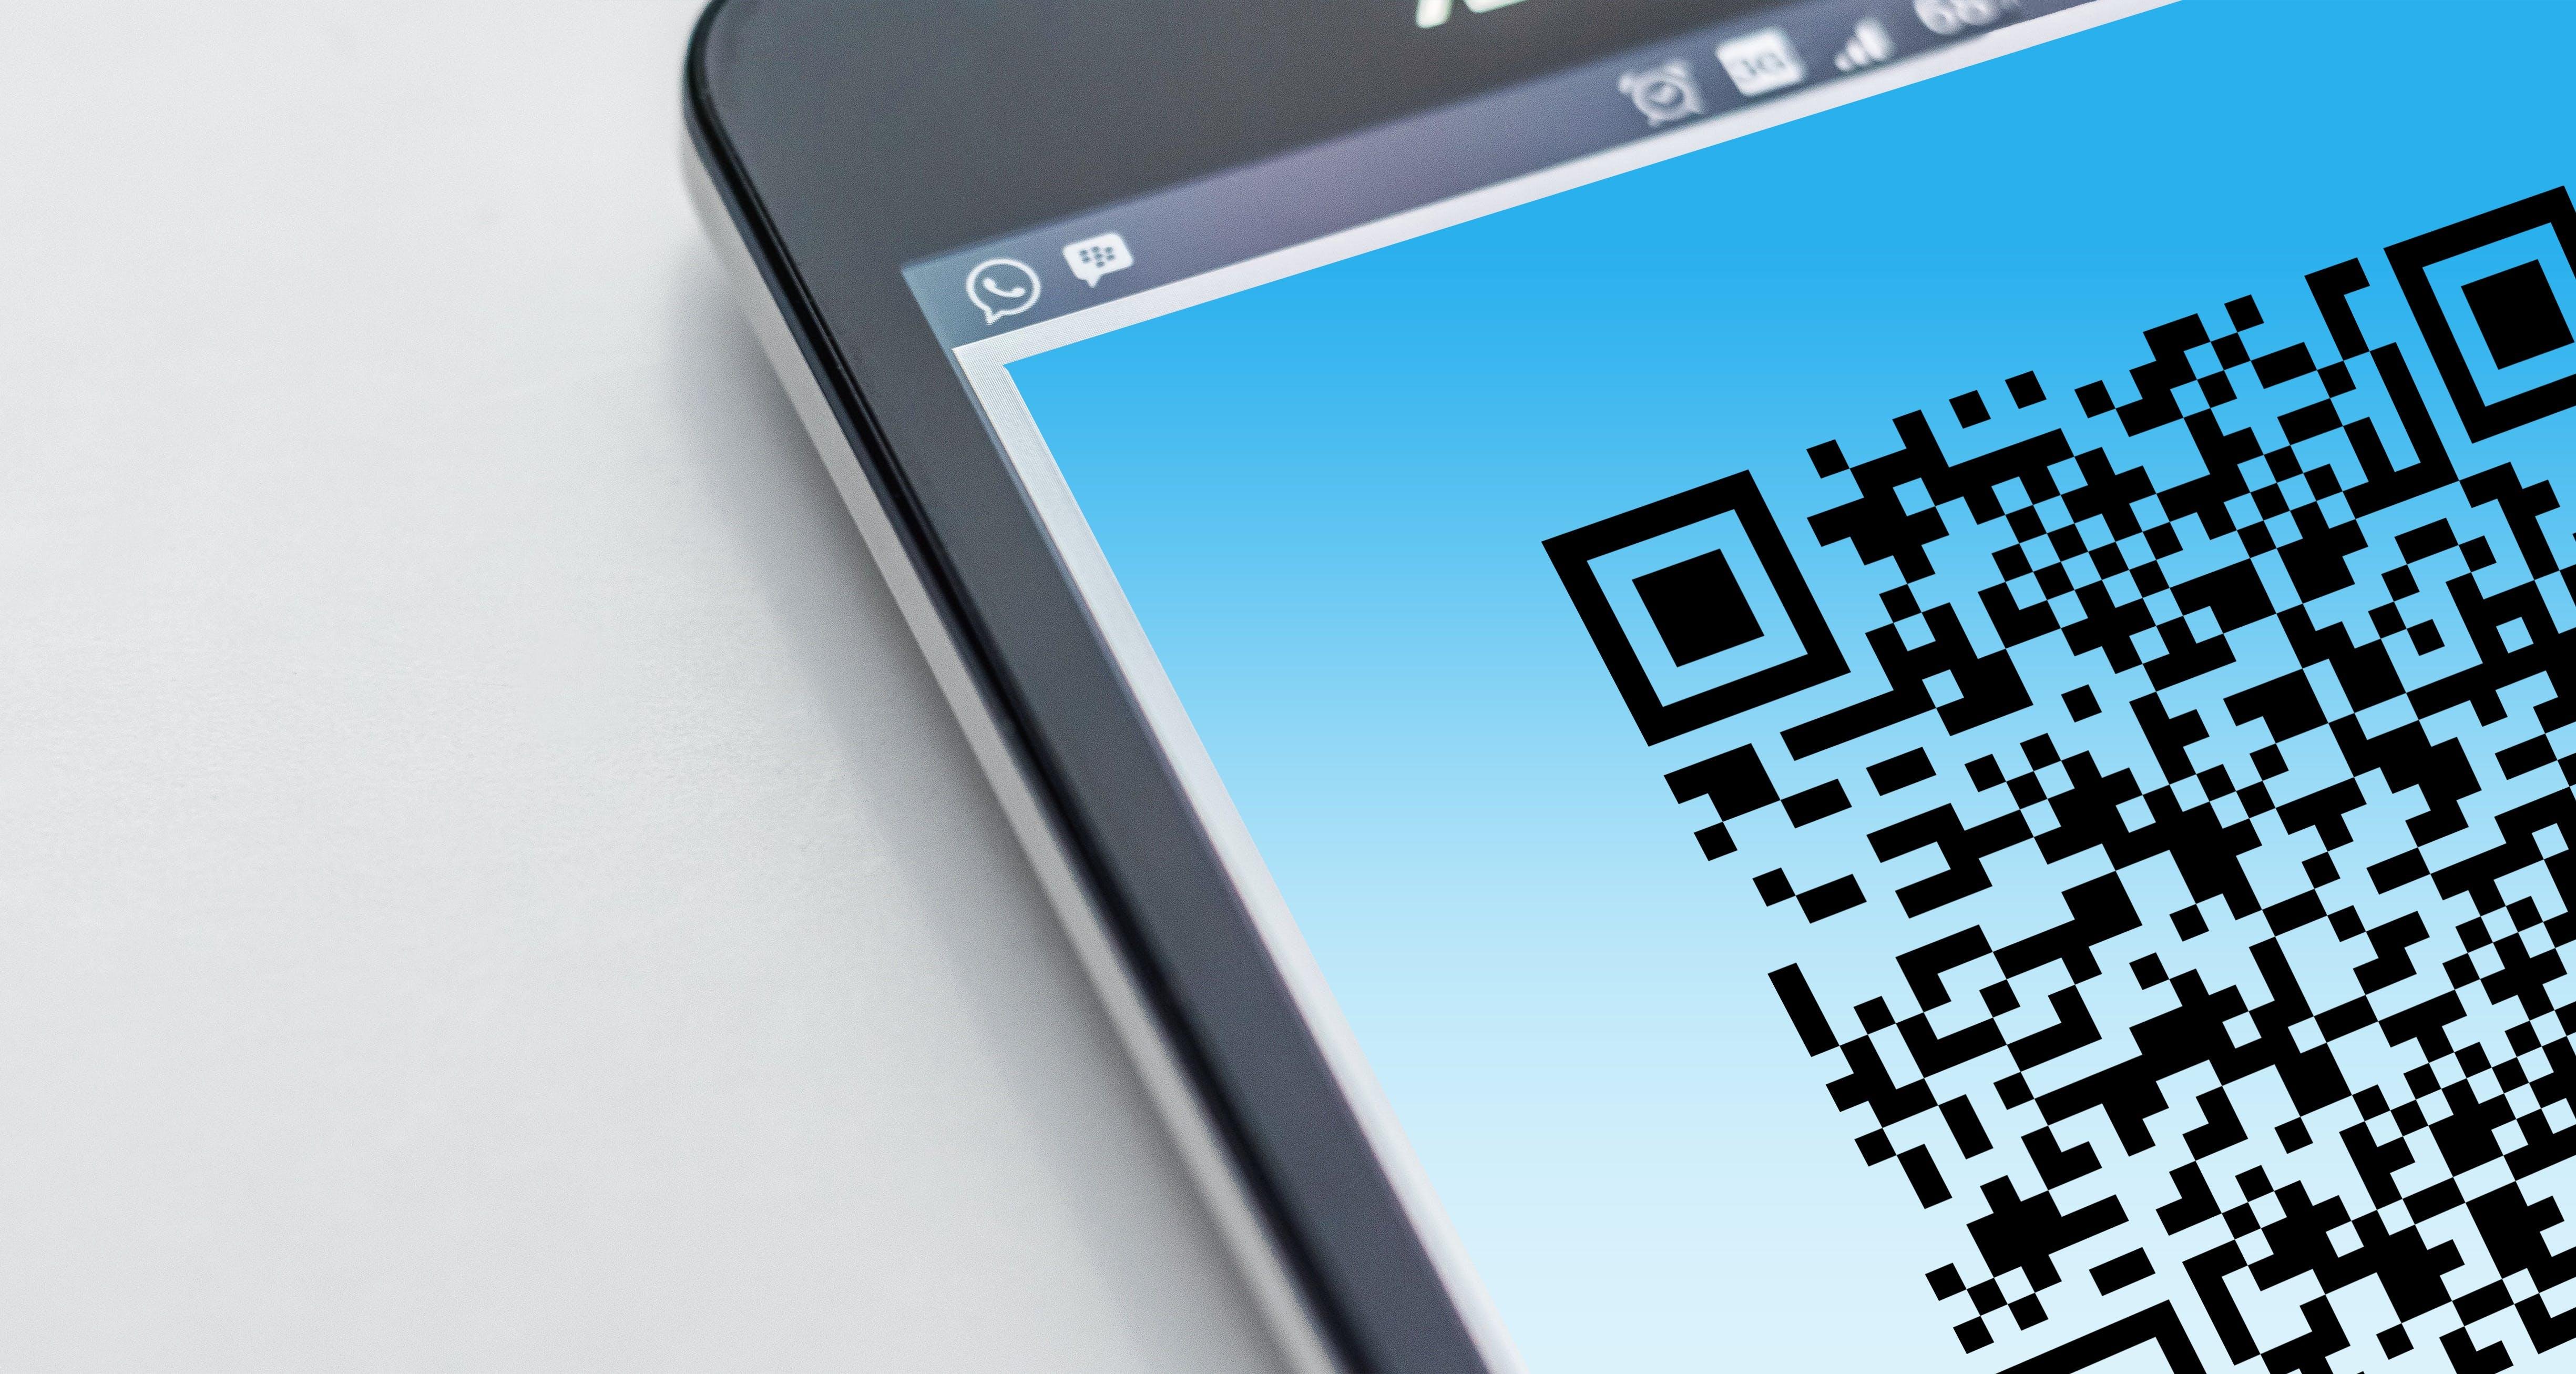 qr 코드, 기기, 기술, 데이터의 무료 스톡 사진